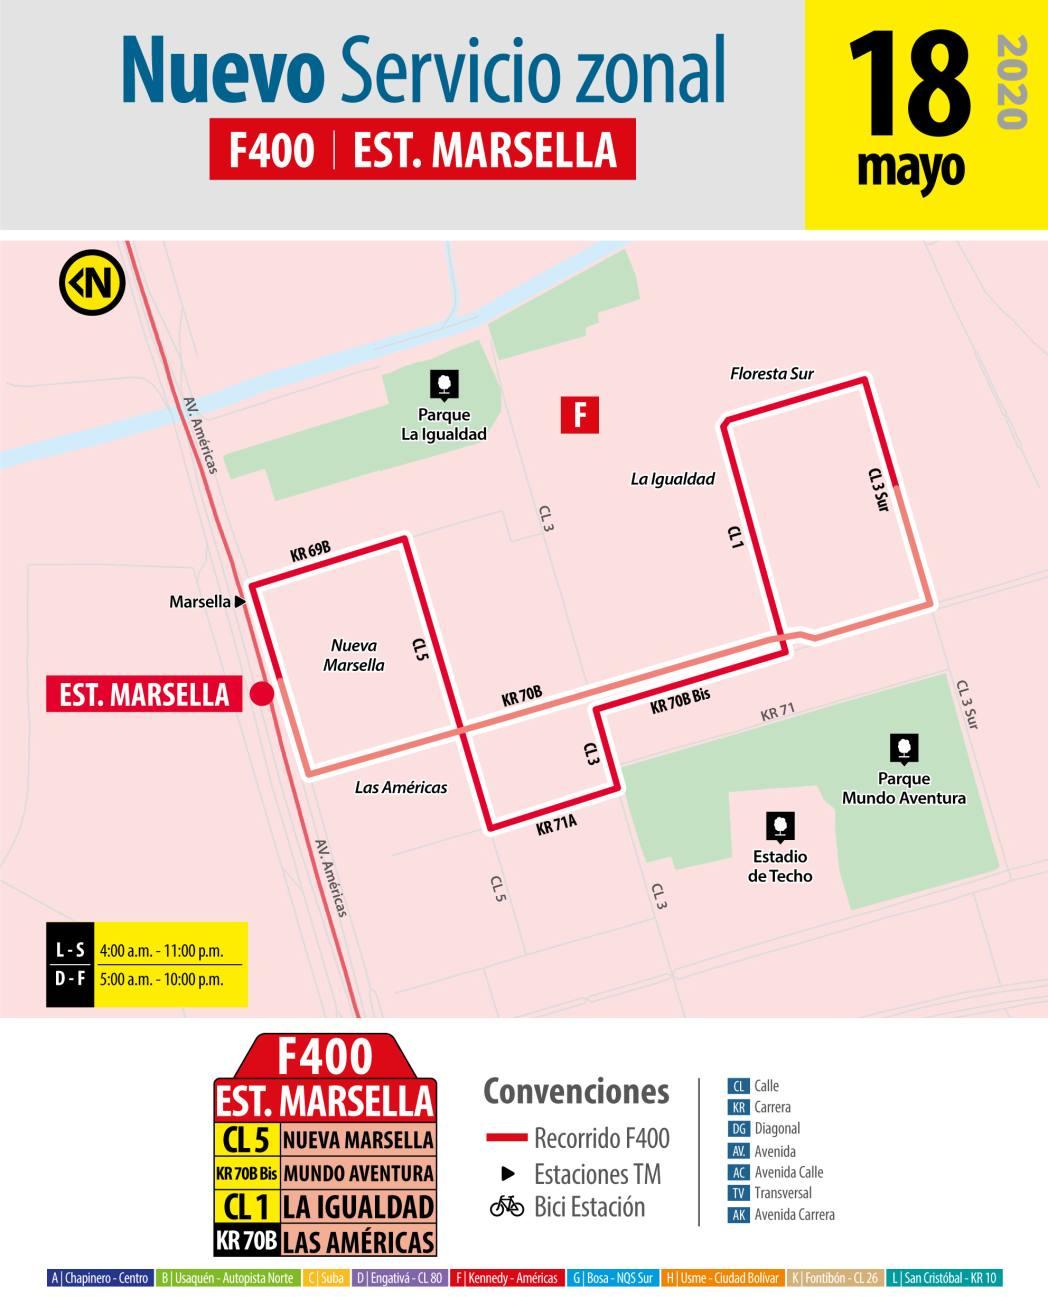 Ruta circular F400 a la Estación Marsella de Transmilenio